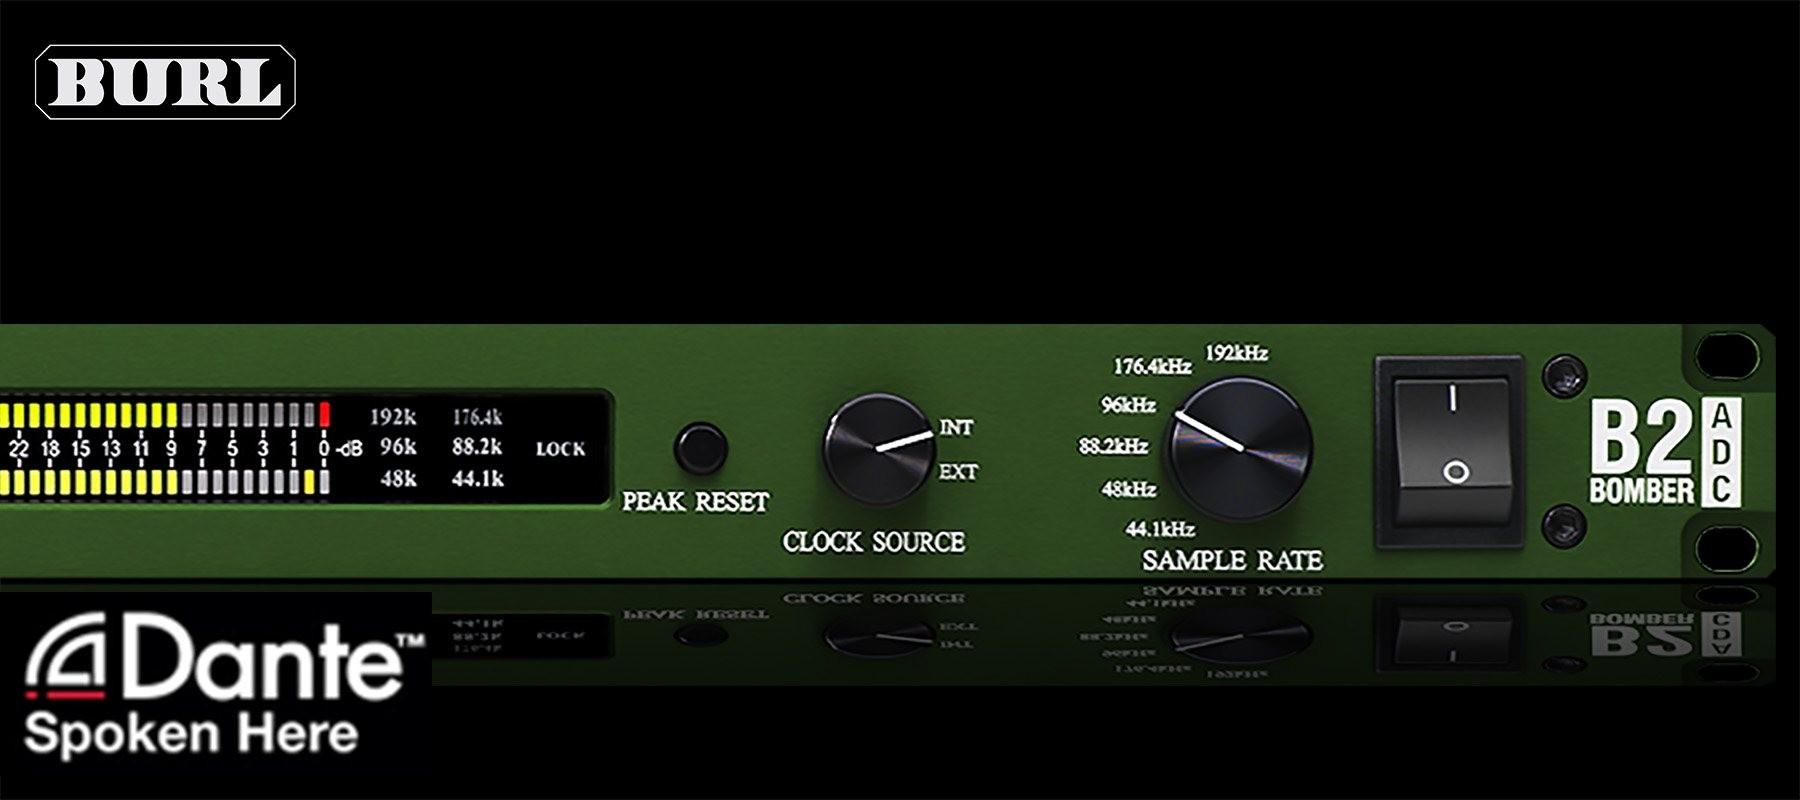 BURL Audio B2 Bomber ADC Dante Right